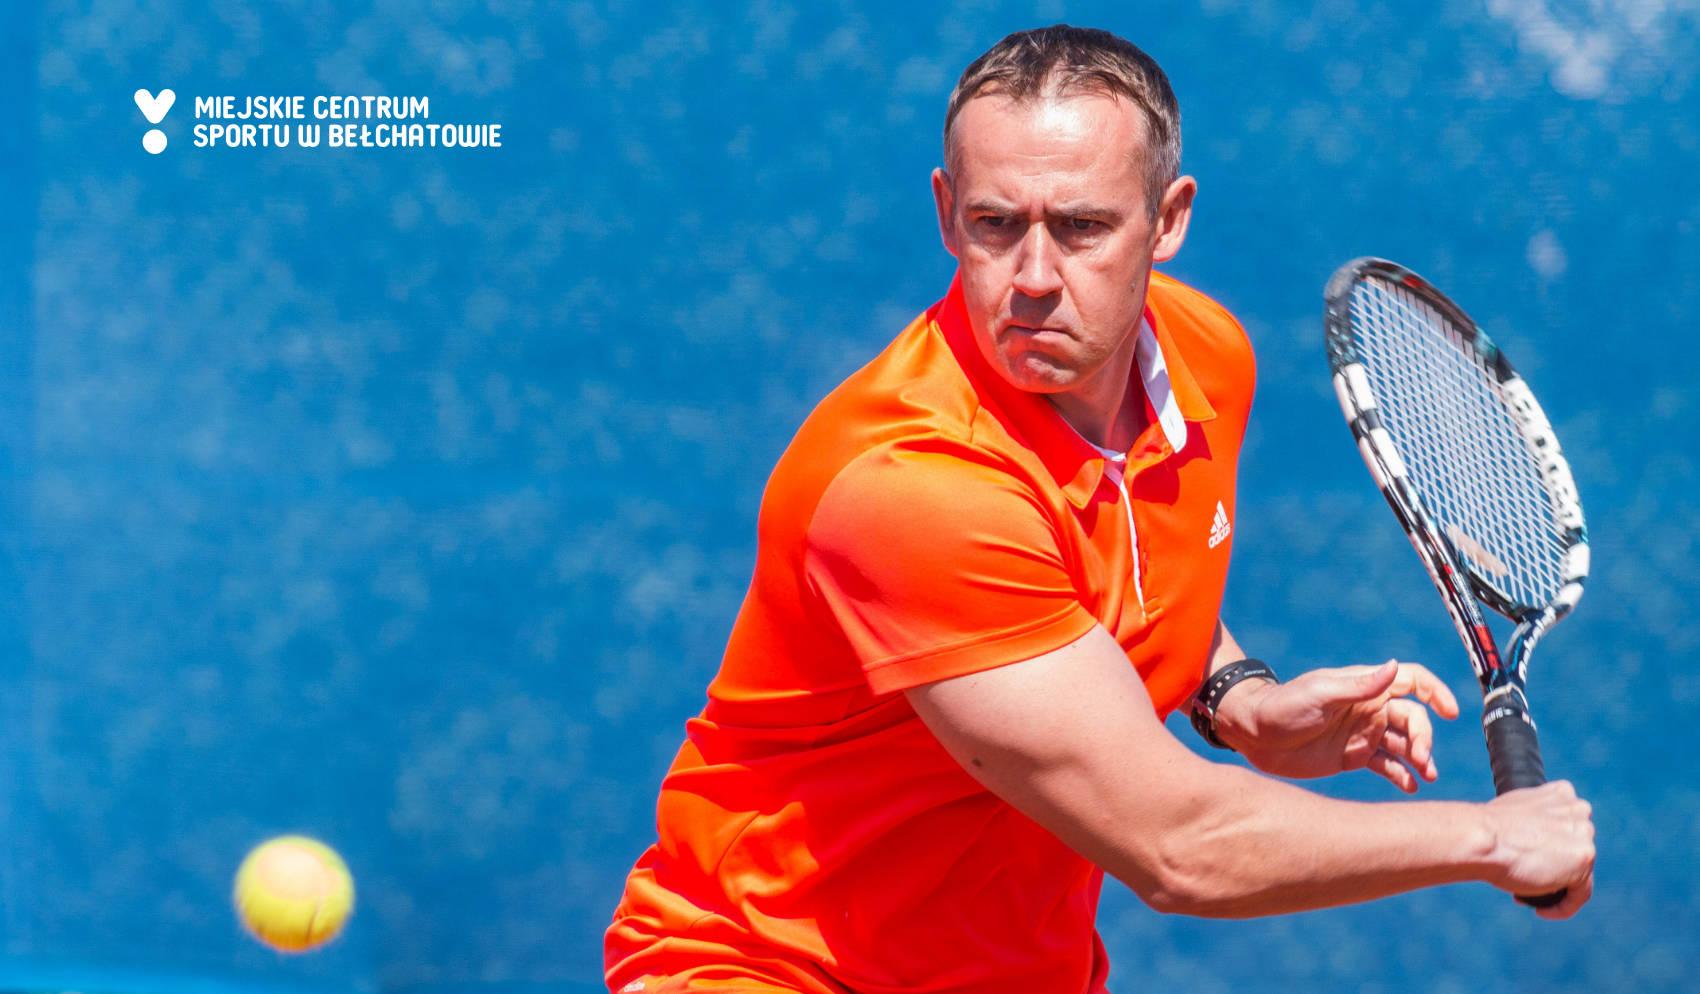 na zdjęciu widoczny jest mężczyzna trzymający rakietę do tenisa ziemnego, który odbija piłkę do tenisa ziemnego